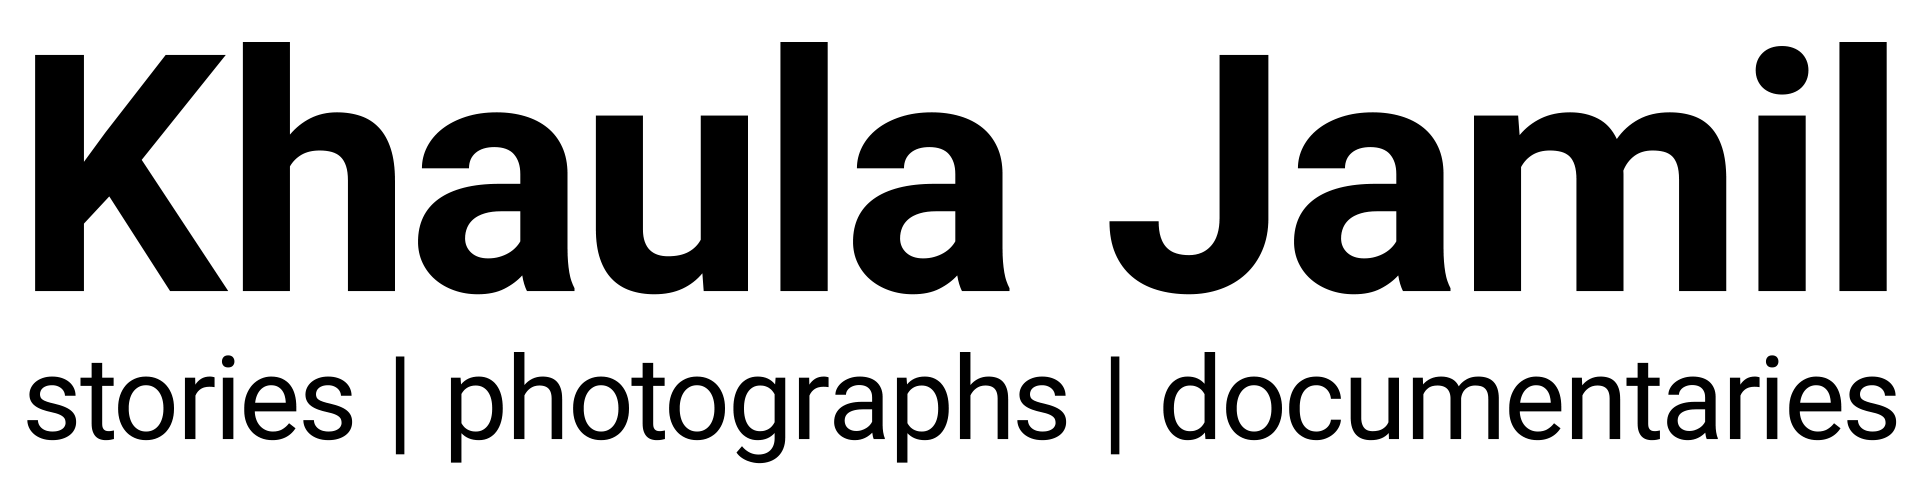 Khaula Jamil logo